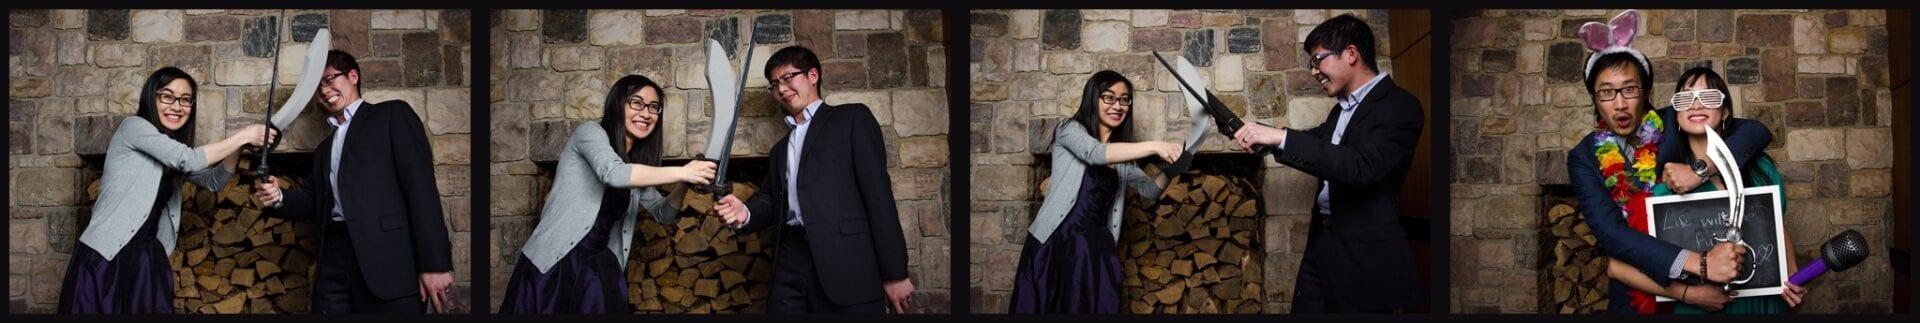 Edmonton-Wedding-photo-booth-Photography-119